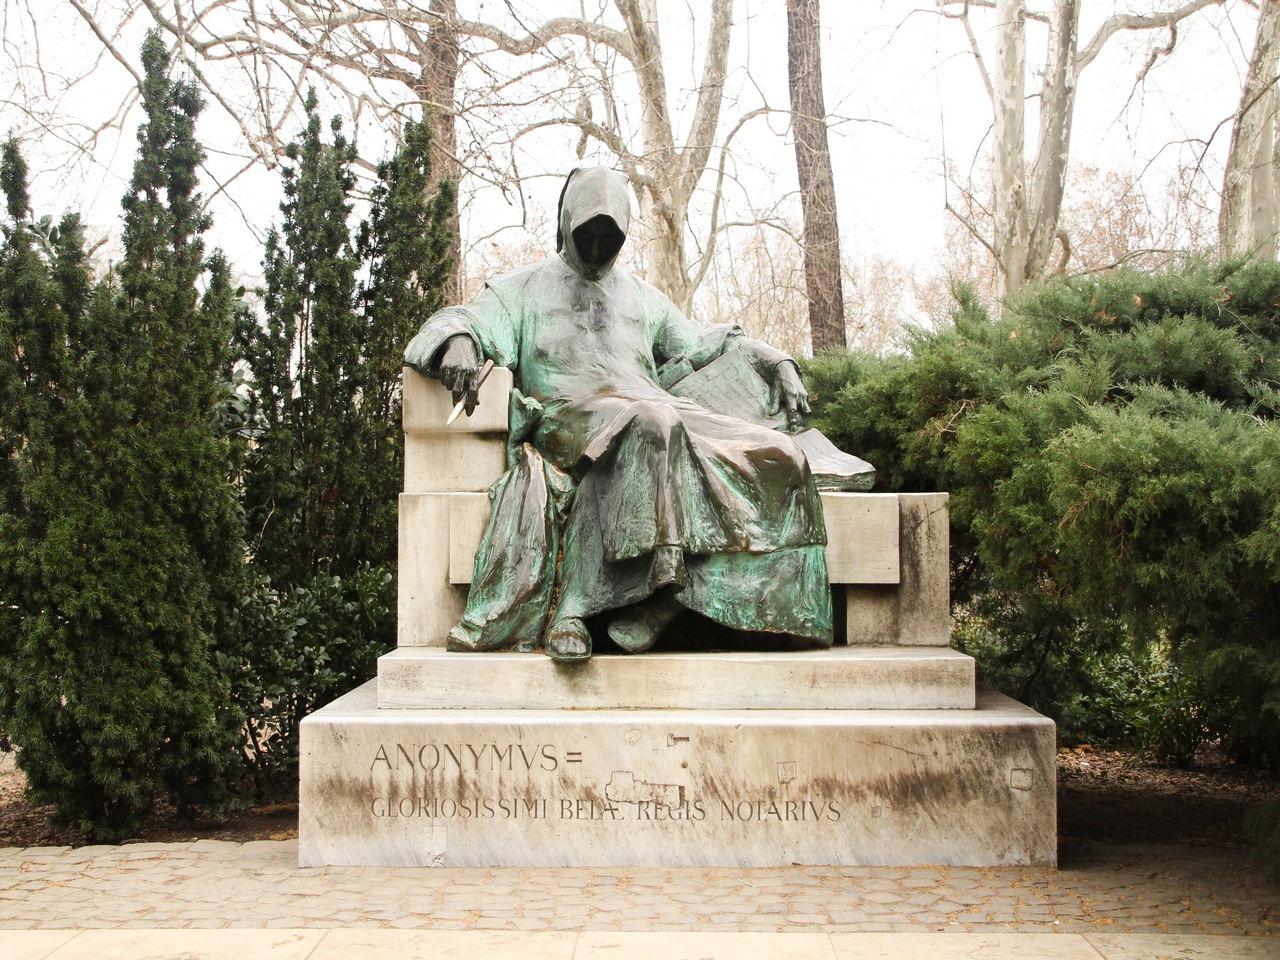 La estatua del Anónimo en el Parque de la Ciudad o City Park de Budapest.